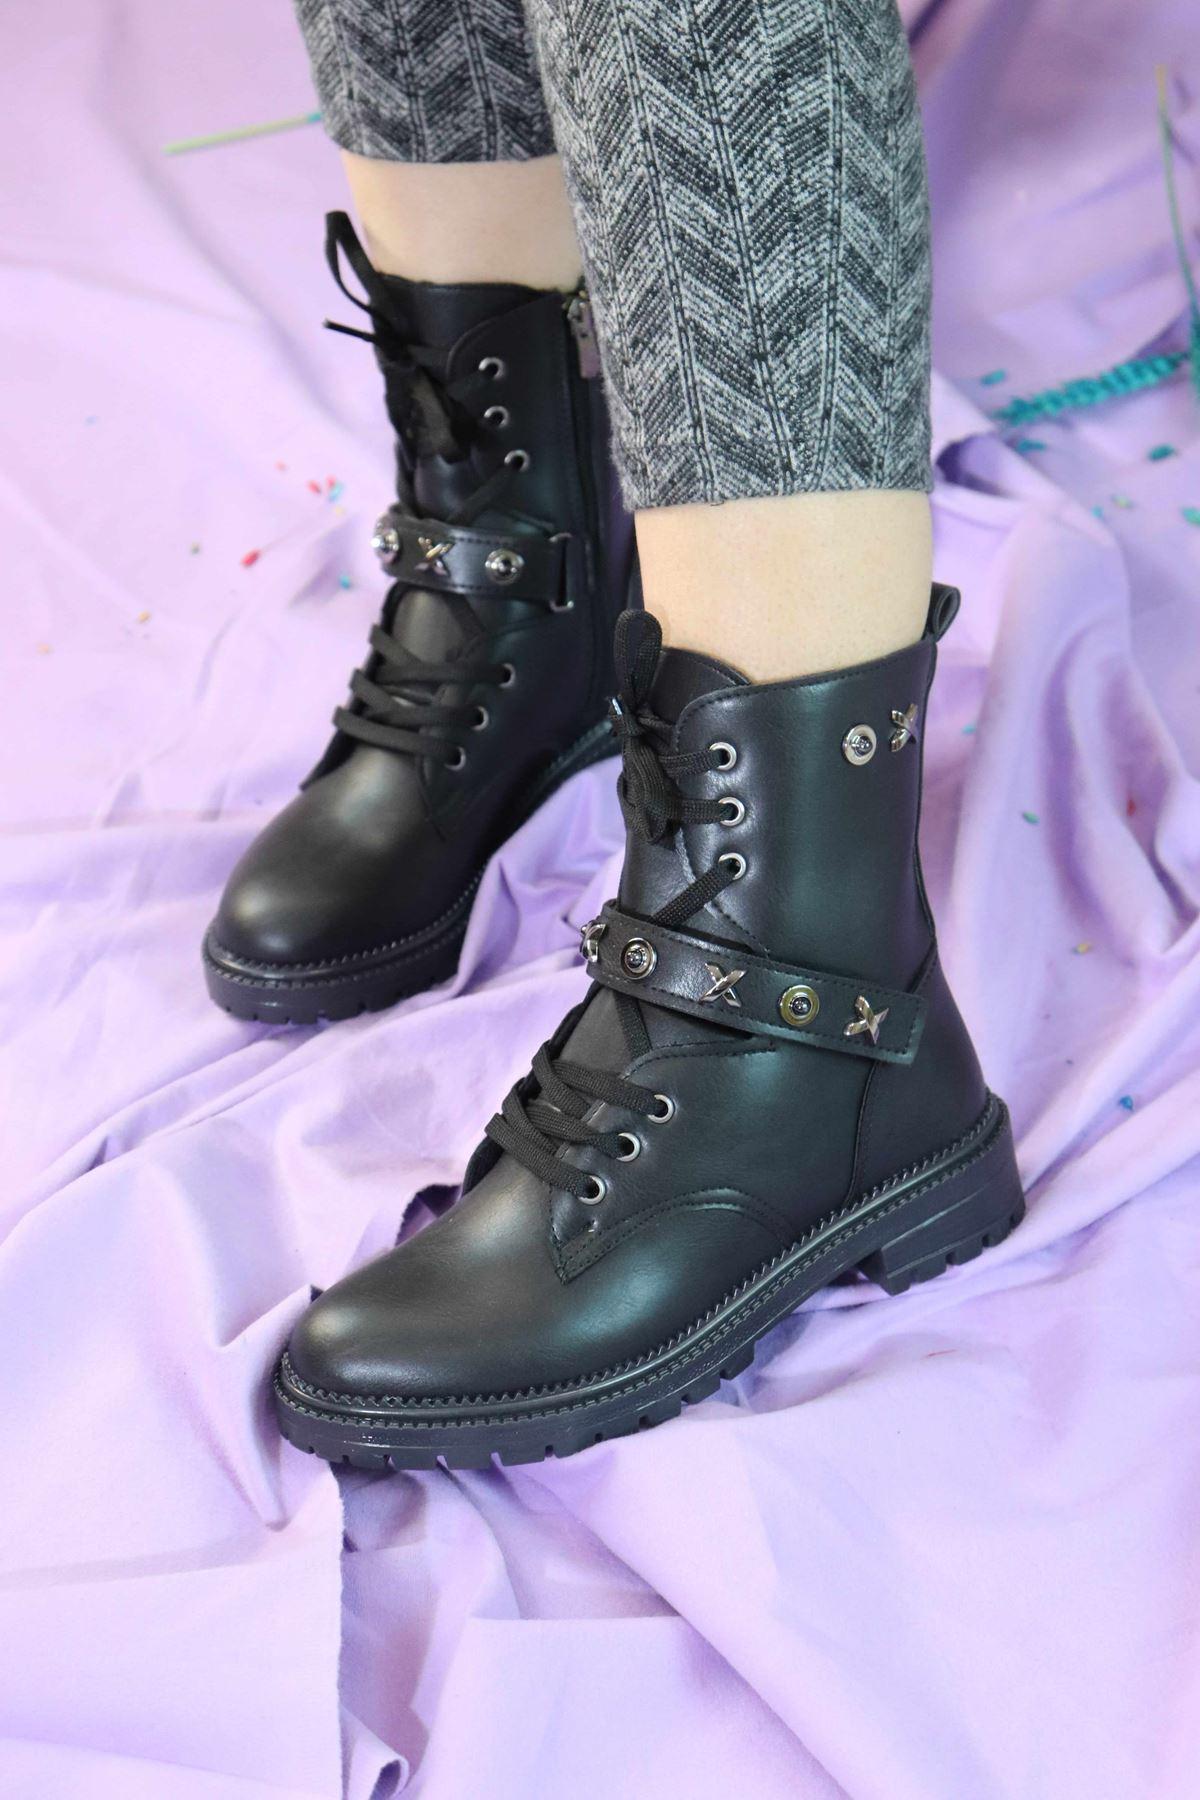 Trendayakkabı - Siyah Zımbalı Kadın Bot